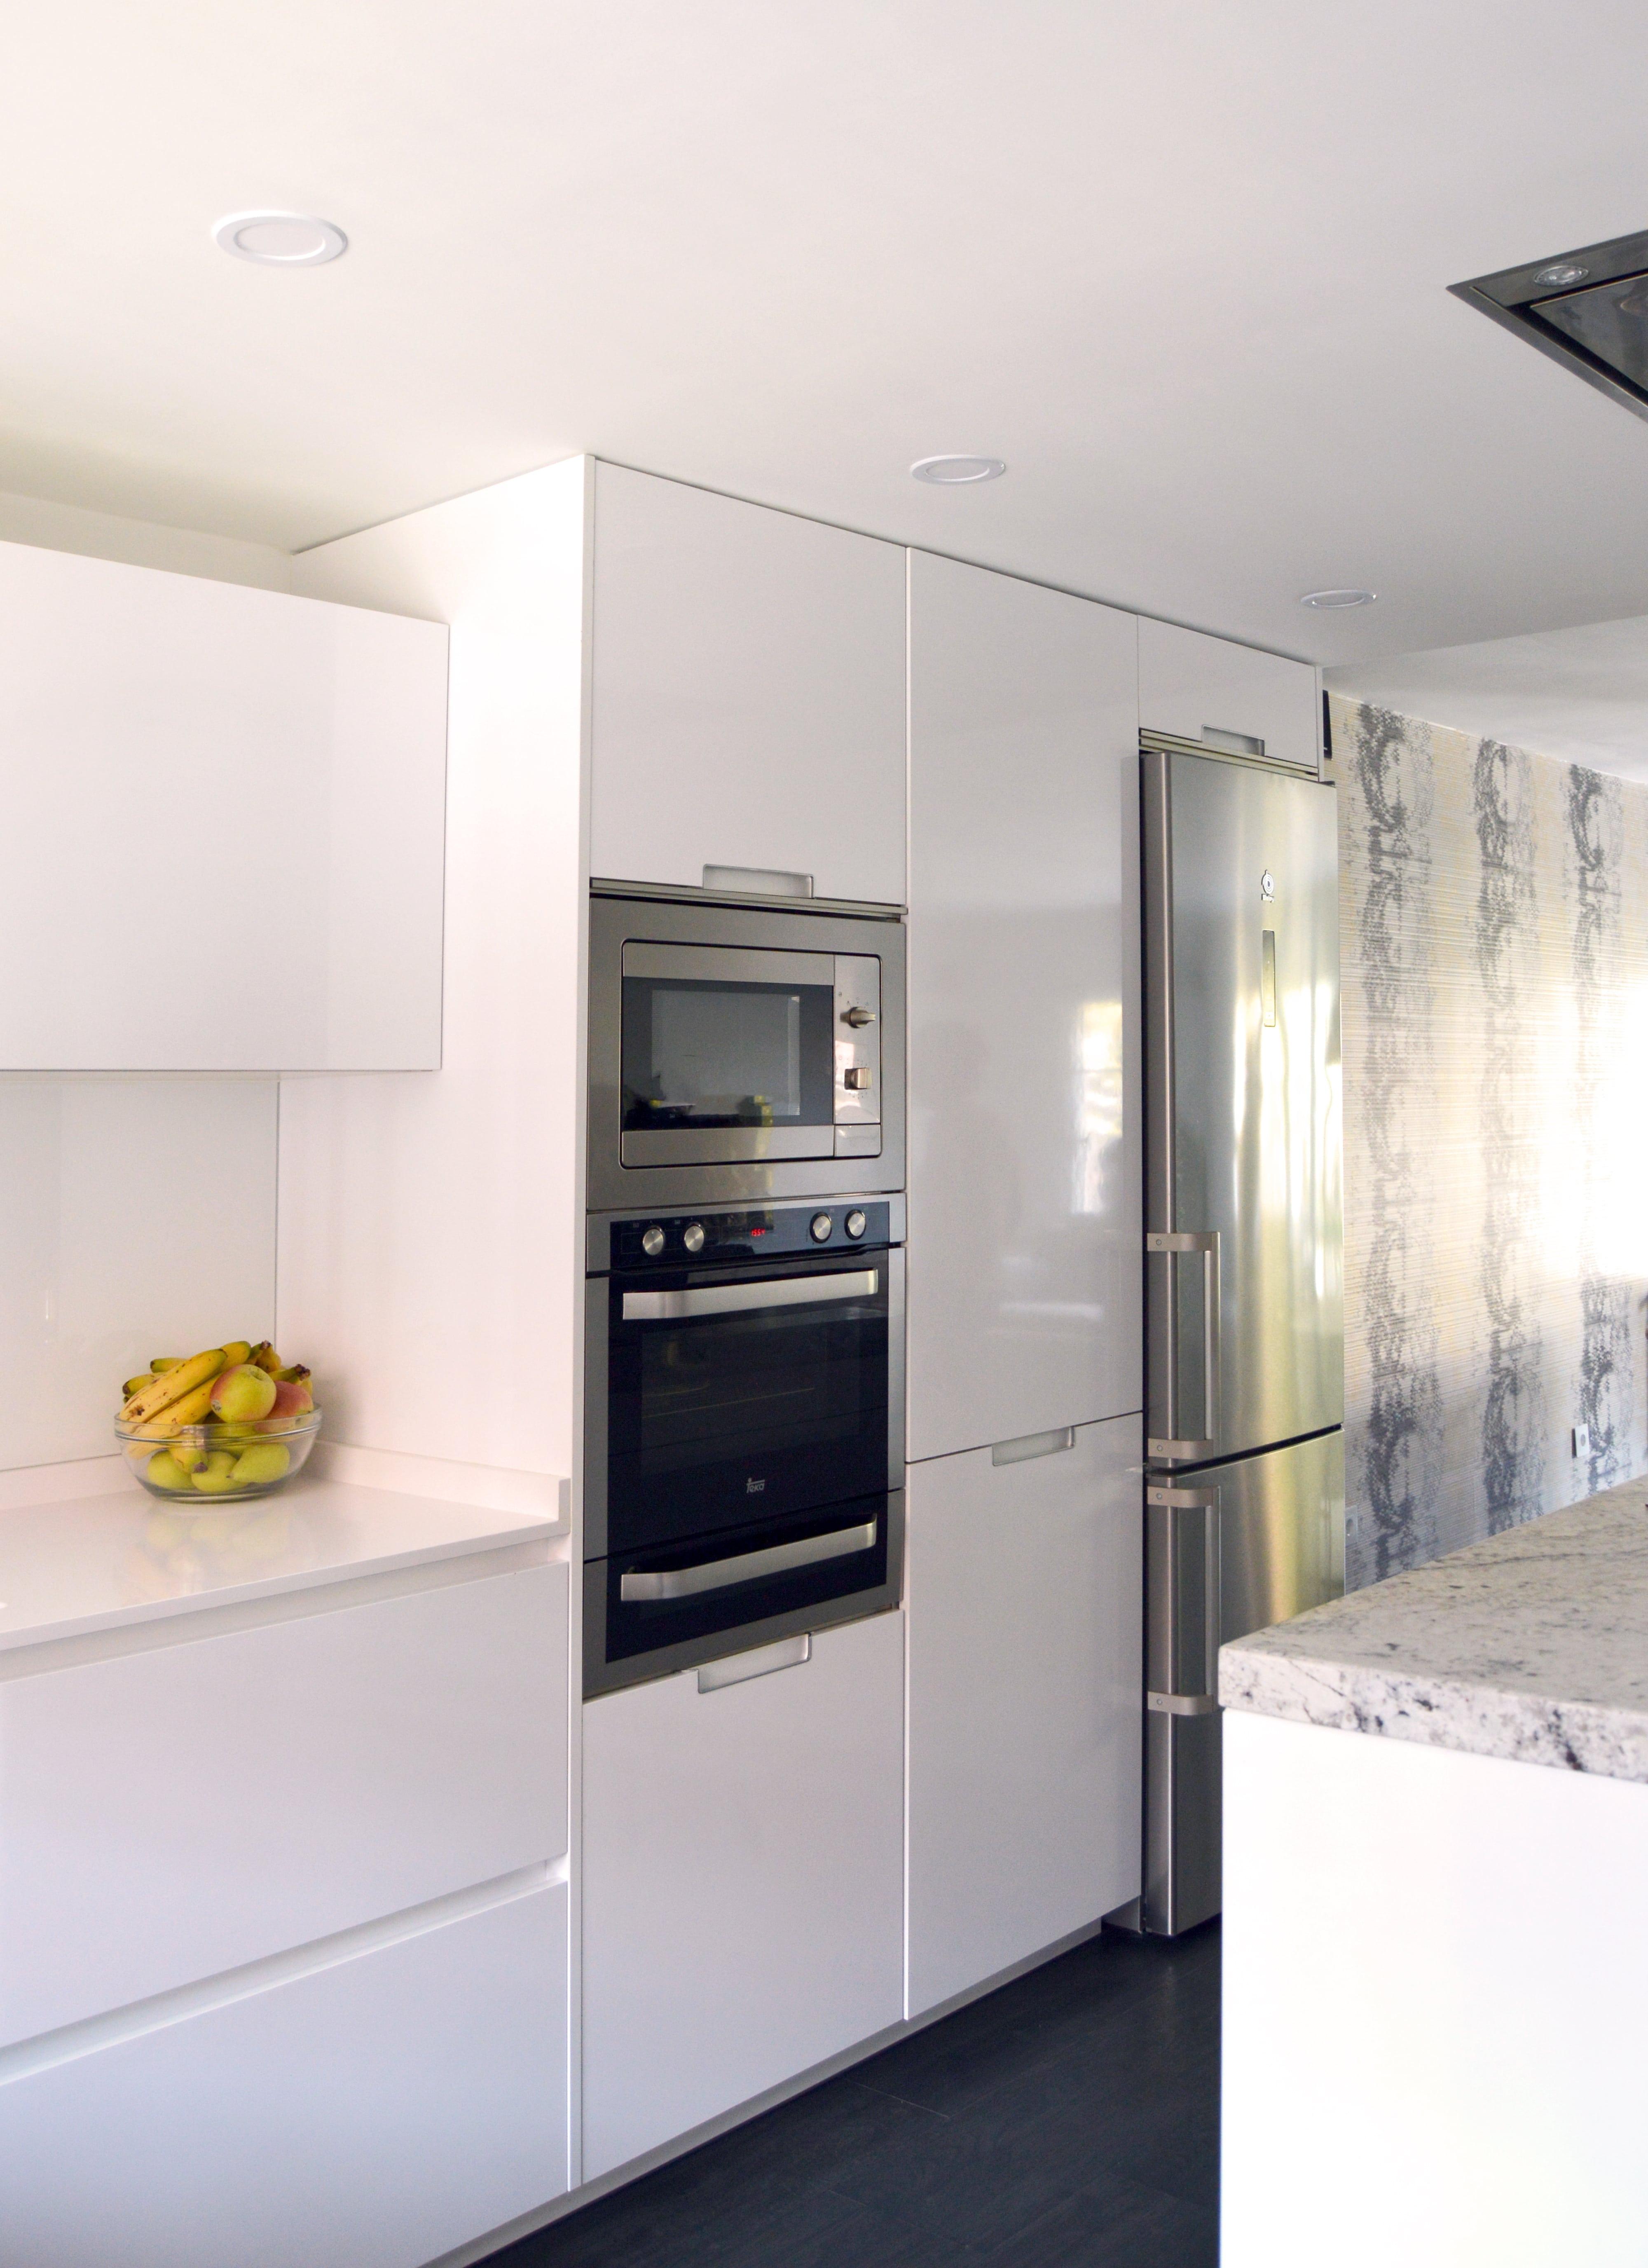 Una cocina fusionada con muebles Santos   Docrys Cocinas